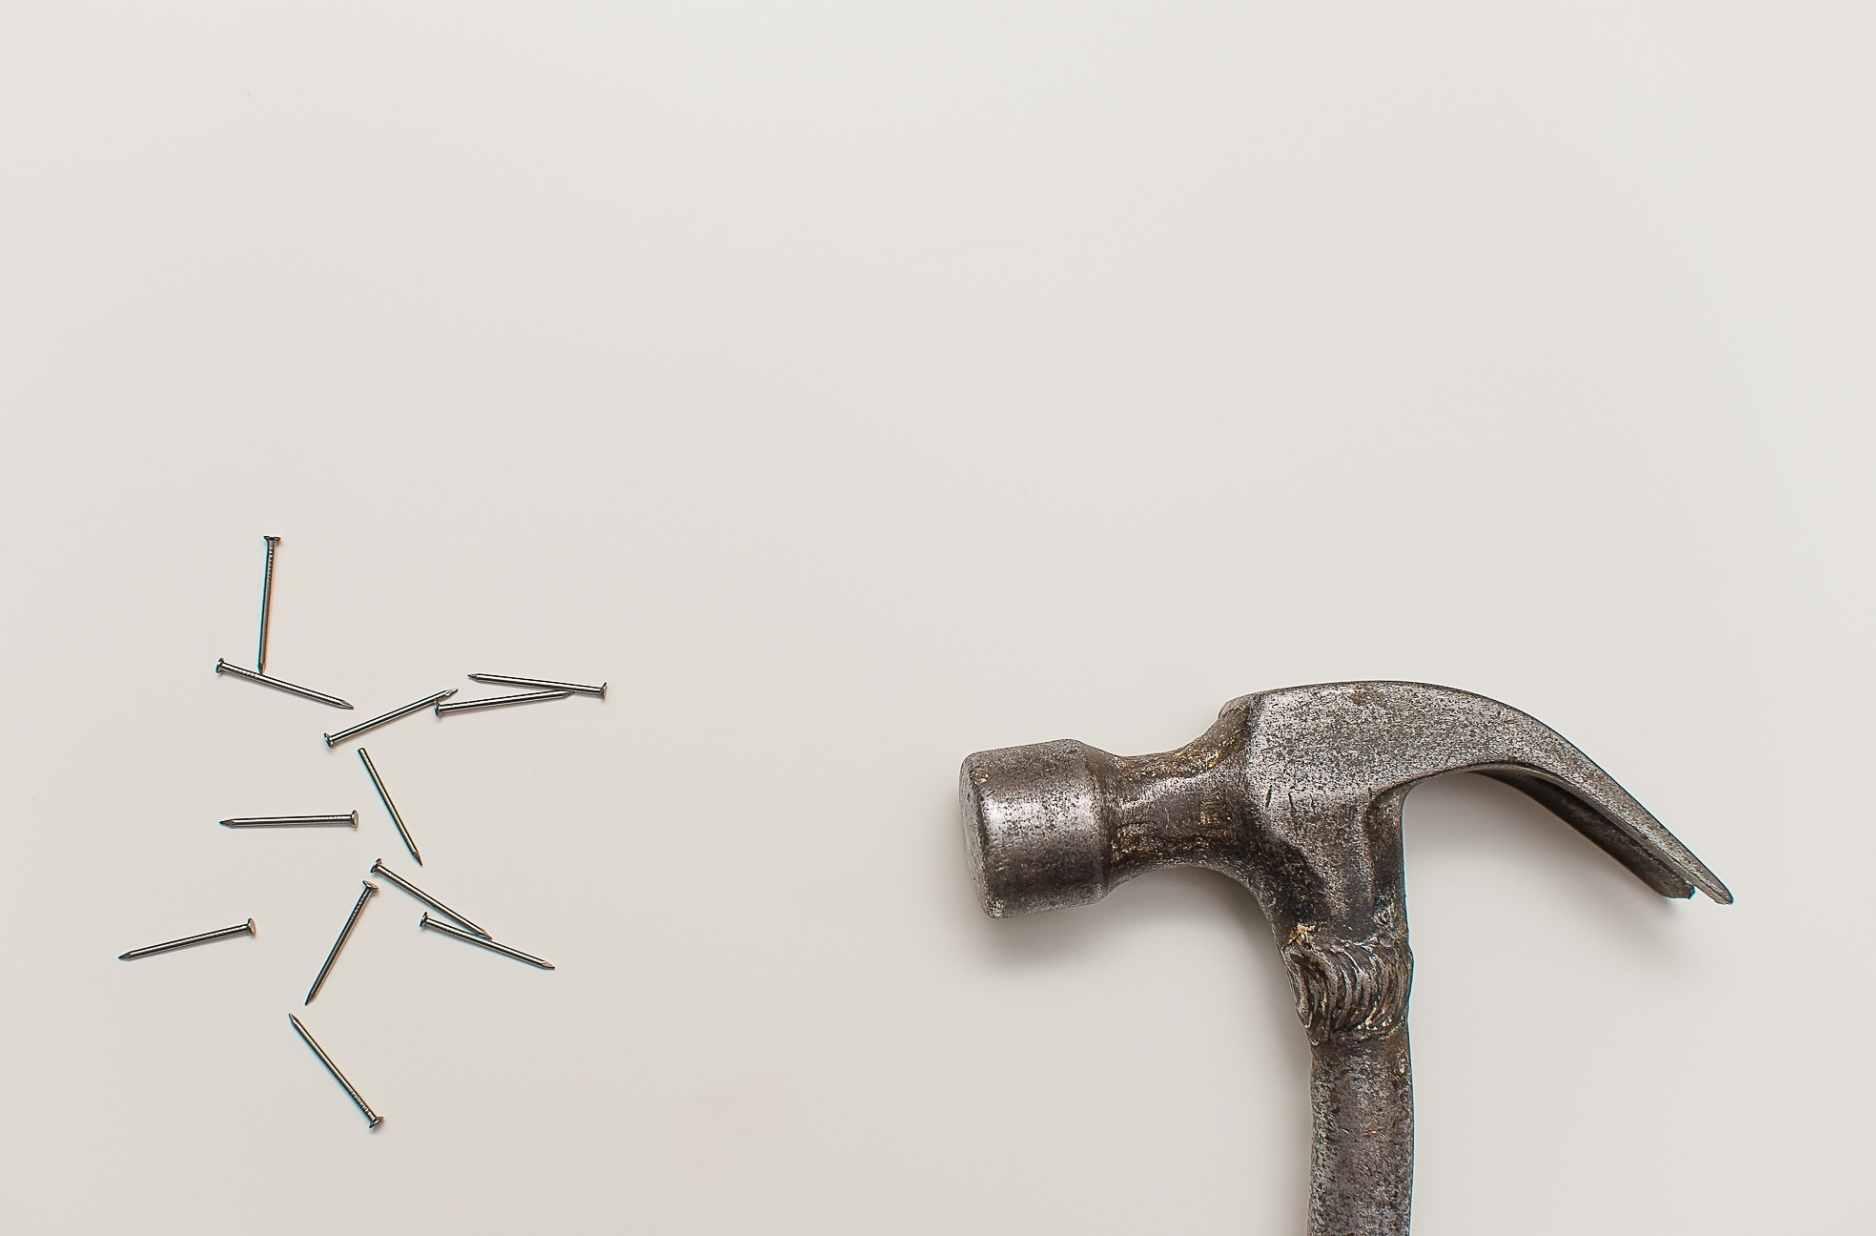 DIY vs Contractor